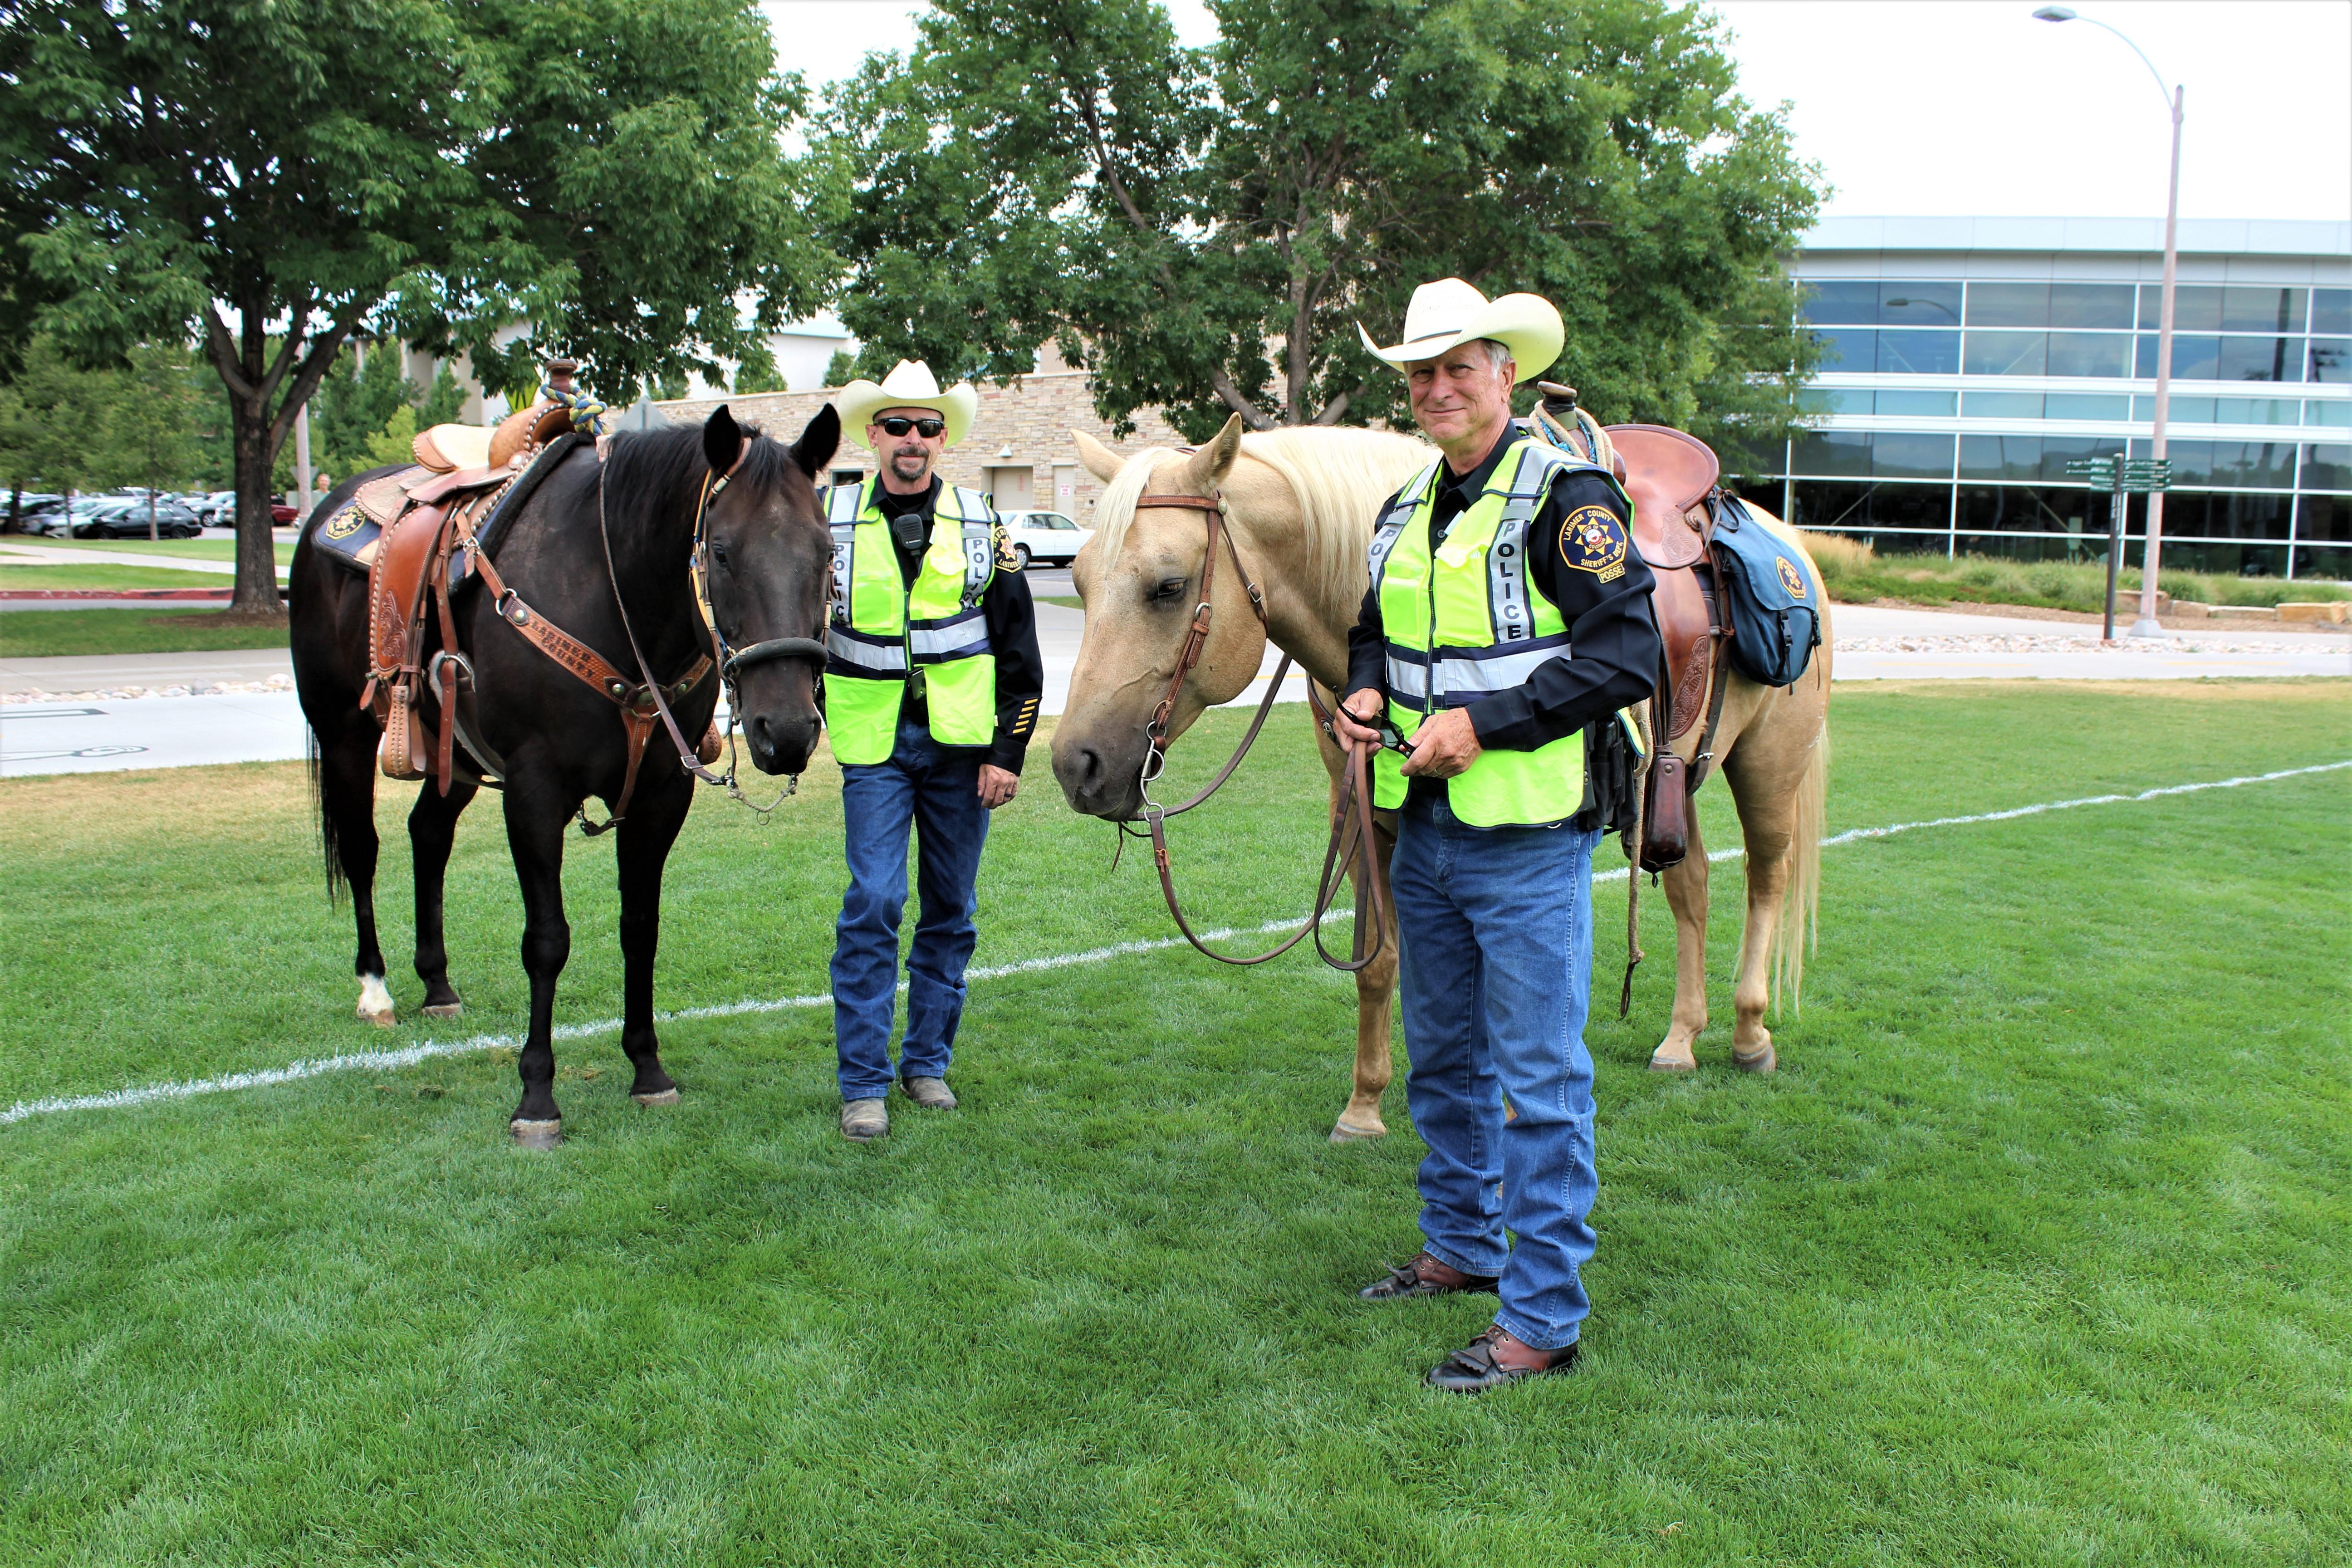 Imagen 22: Posse del Sheriff